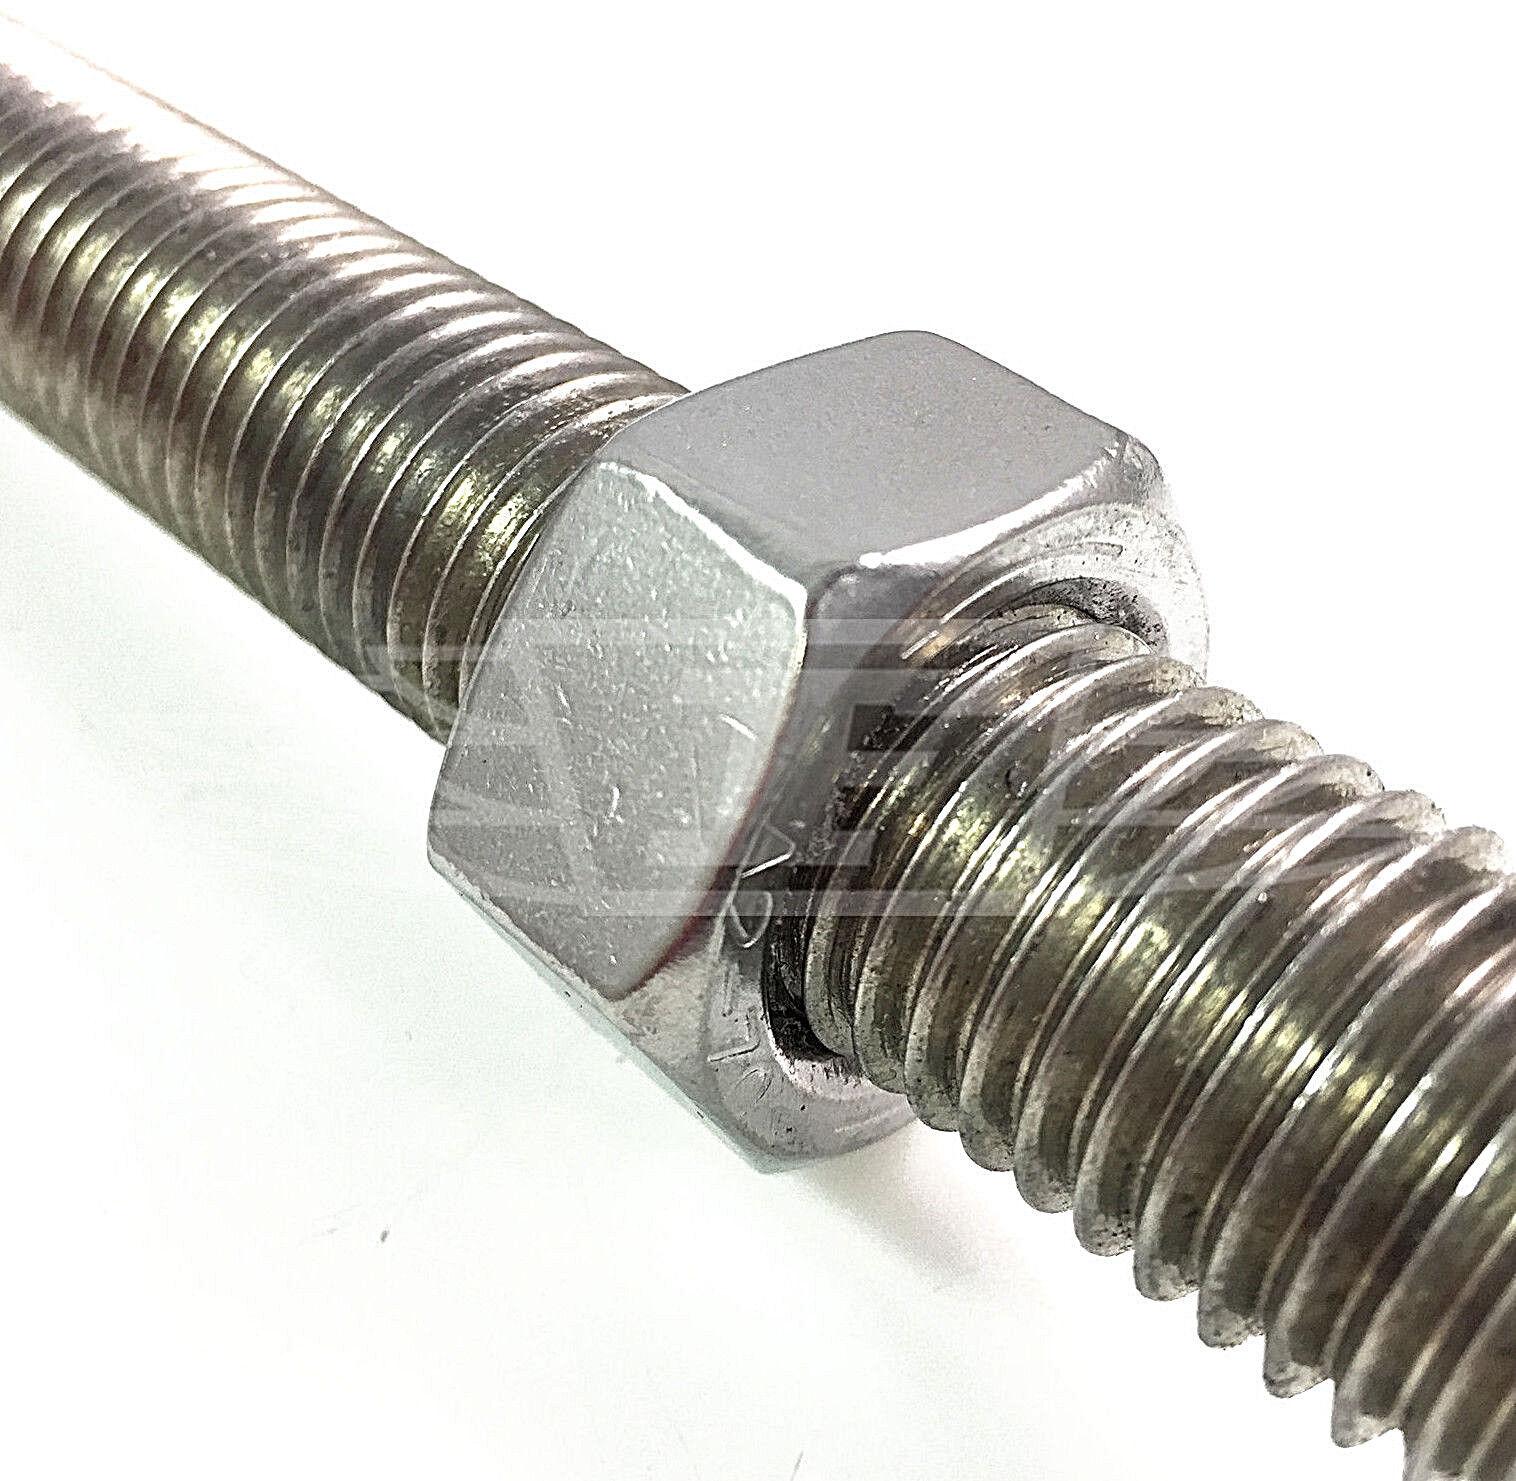 M6 M8 M10 M12 M16 M20 Acciaio Inox A2 Din 976 Mano Sinistra Filettata barra Stud Rod